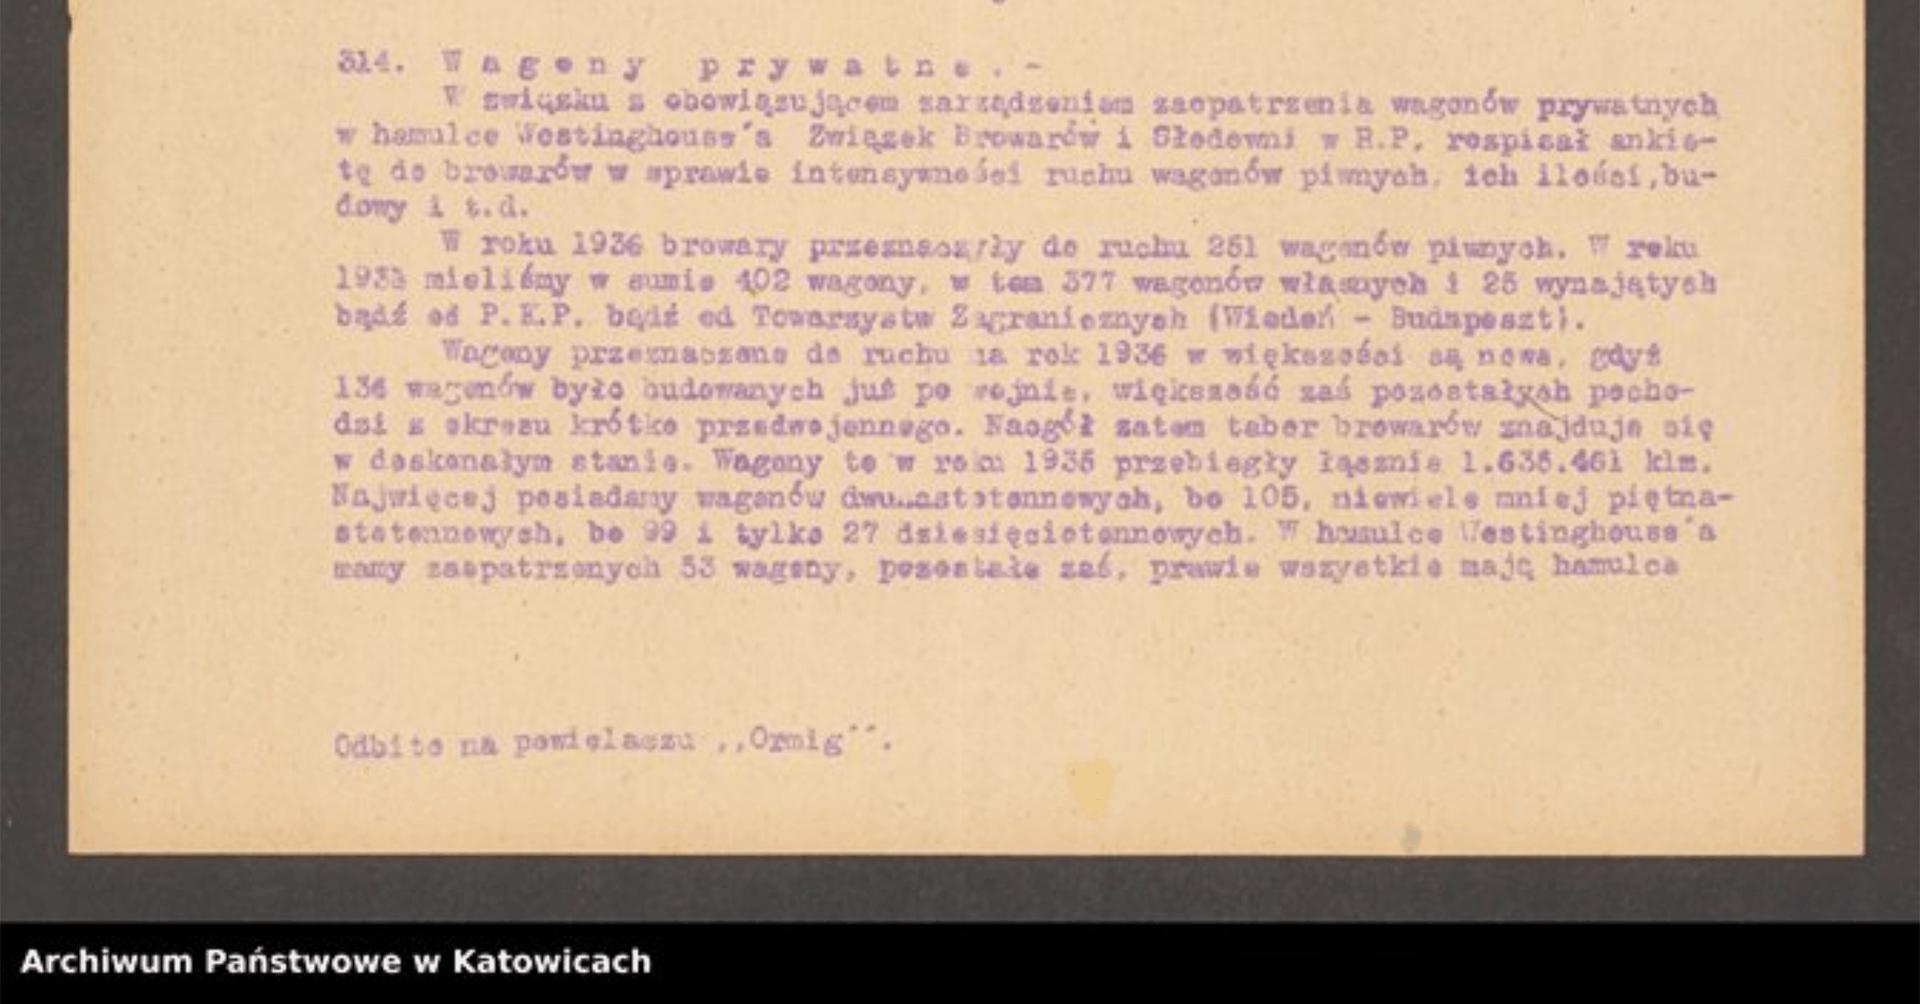 piwiarki_1936.png